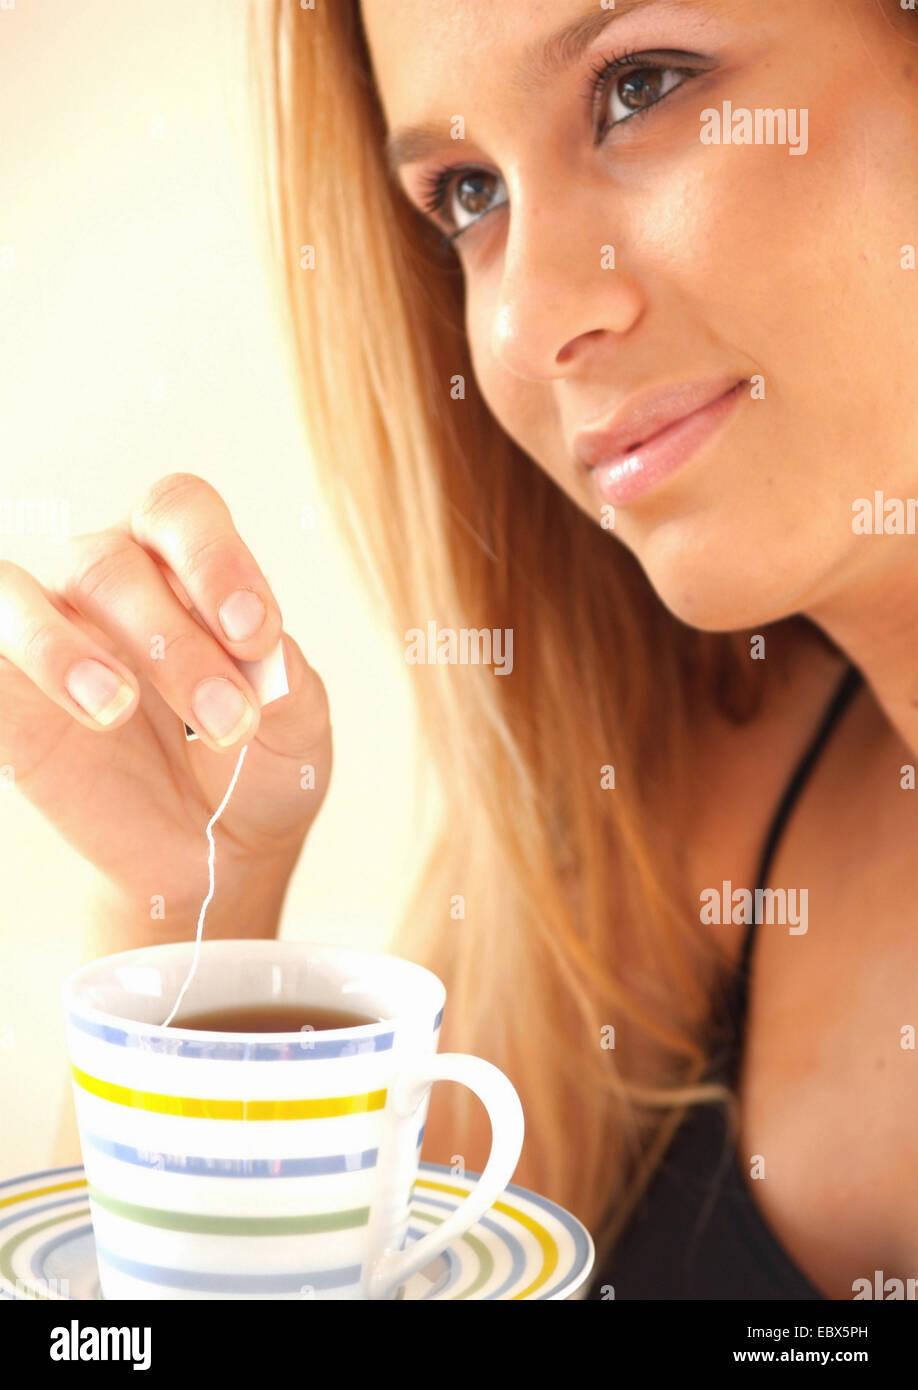 Jeune femme irradiant la sérénité est trempage d'un sachet à thé dans une tasse Photo Stock